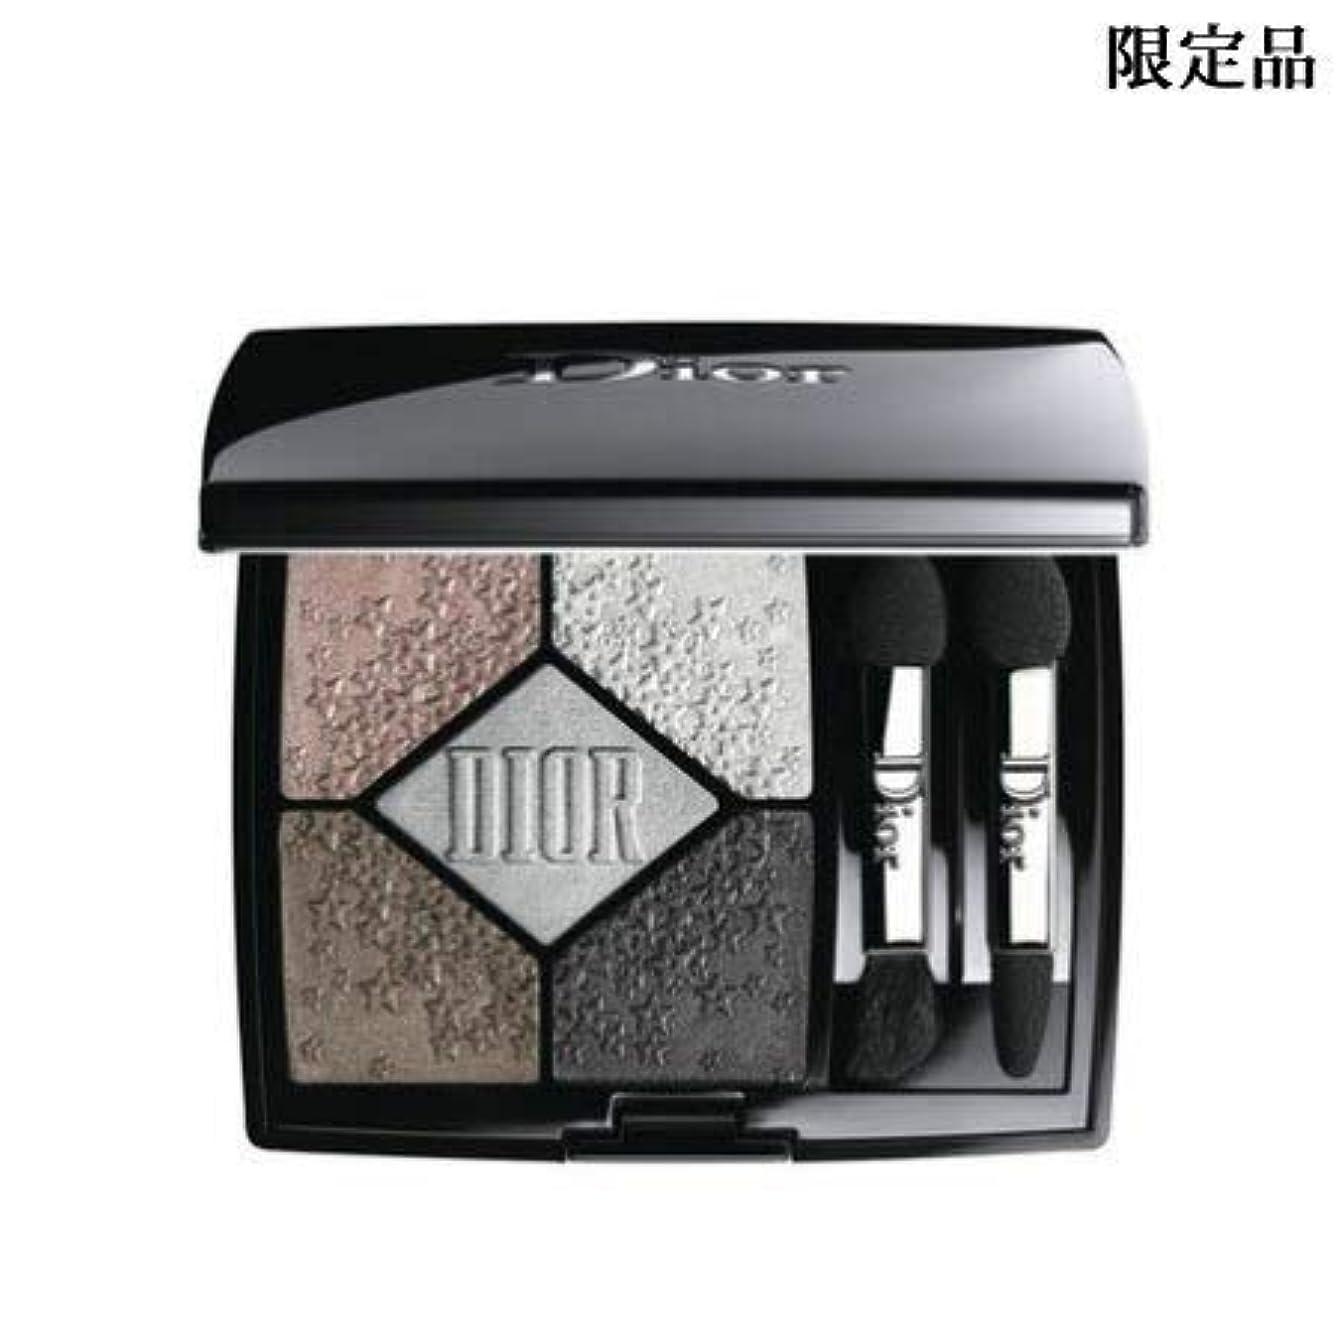 ドナウ川実施する鼓舞するディオール サンク クルール #057 ムーンライト 限定色 -Dior-